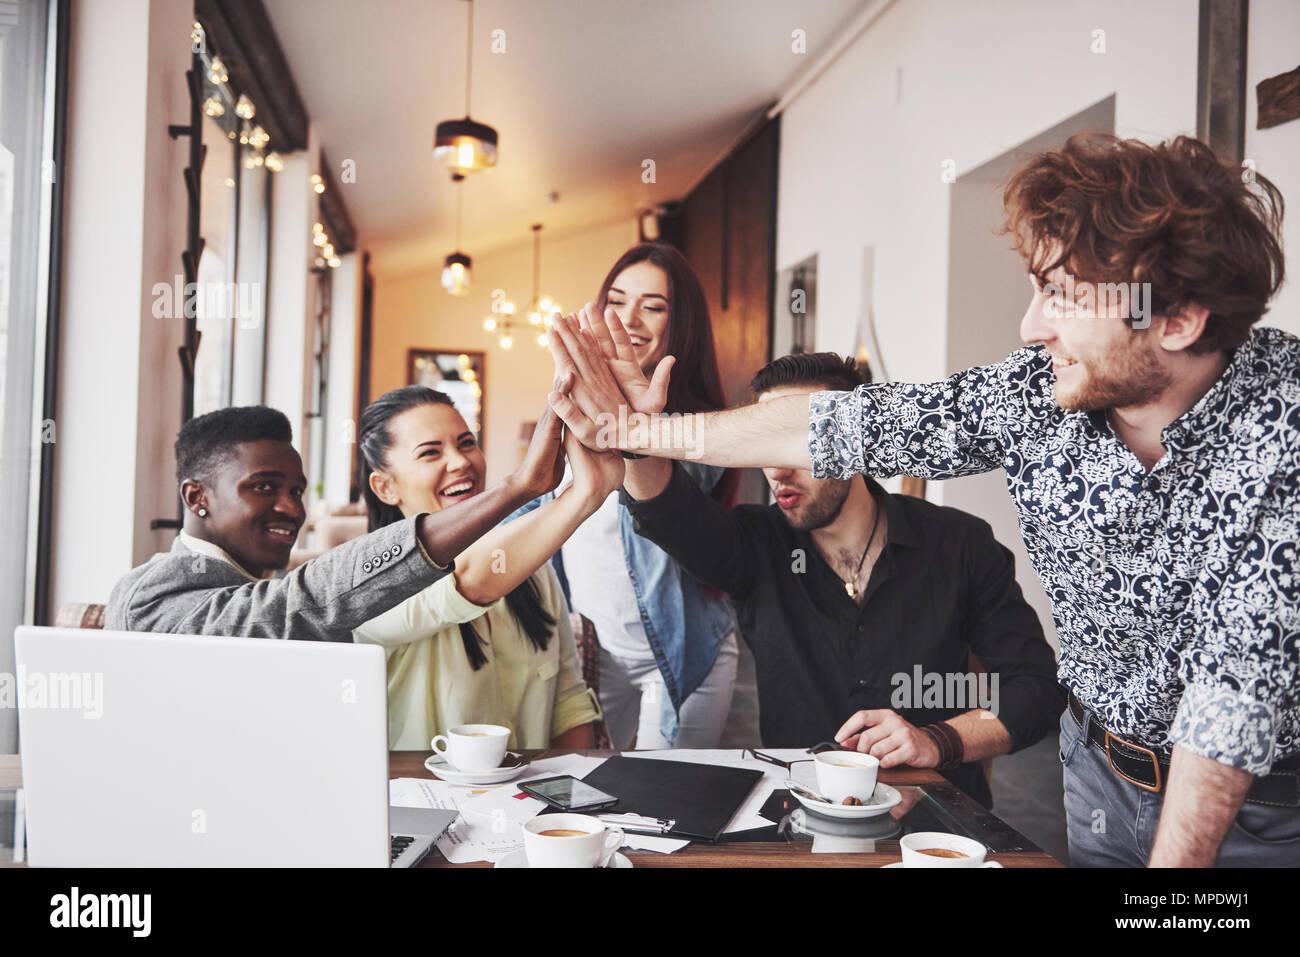 Glückliche junge Unternehmer in Freizeitkleidung im Cafe Tabelle oder im Business Office geben High Fives zu einander, als ob Erfolge feiern oder Starten neues Projekt Stockbild